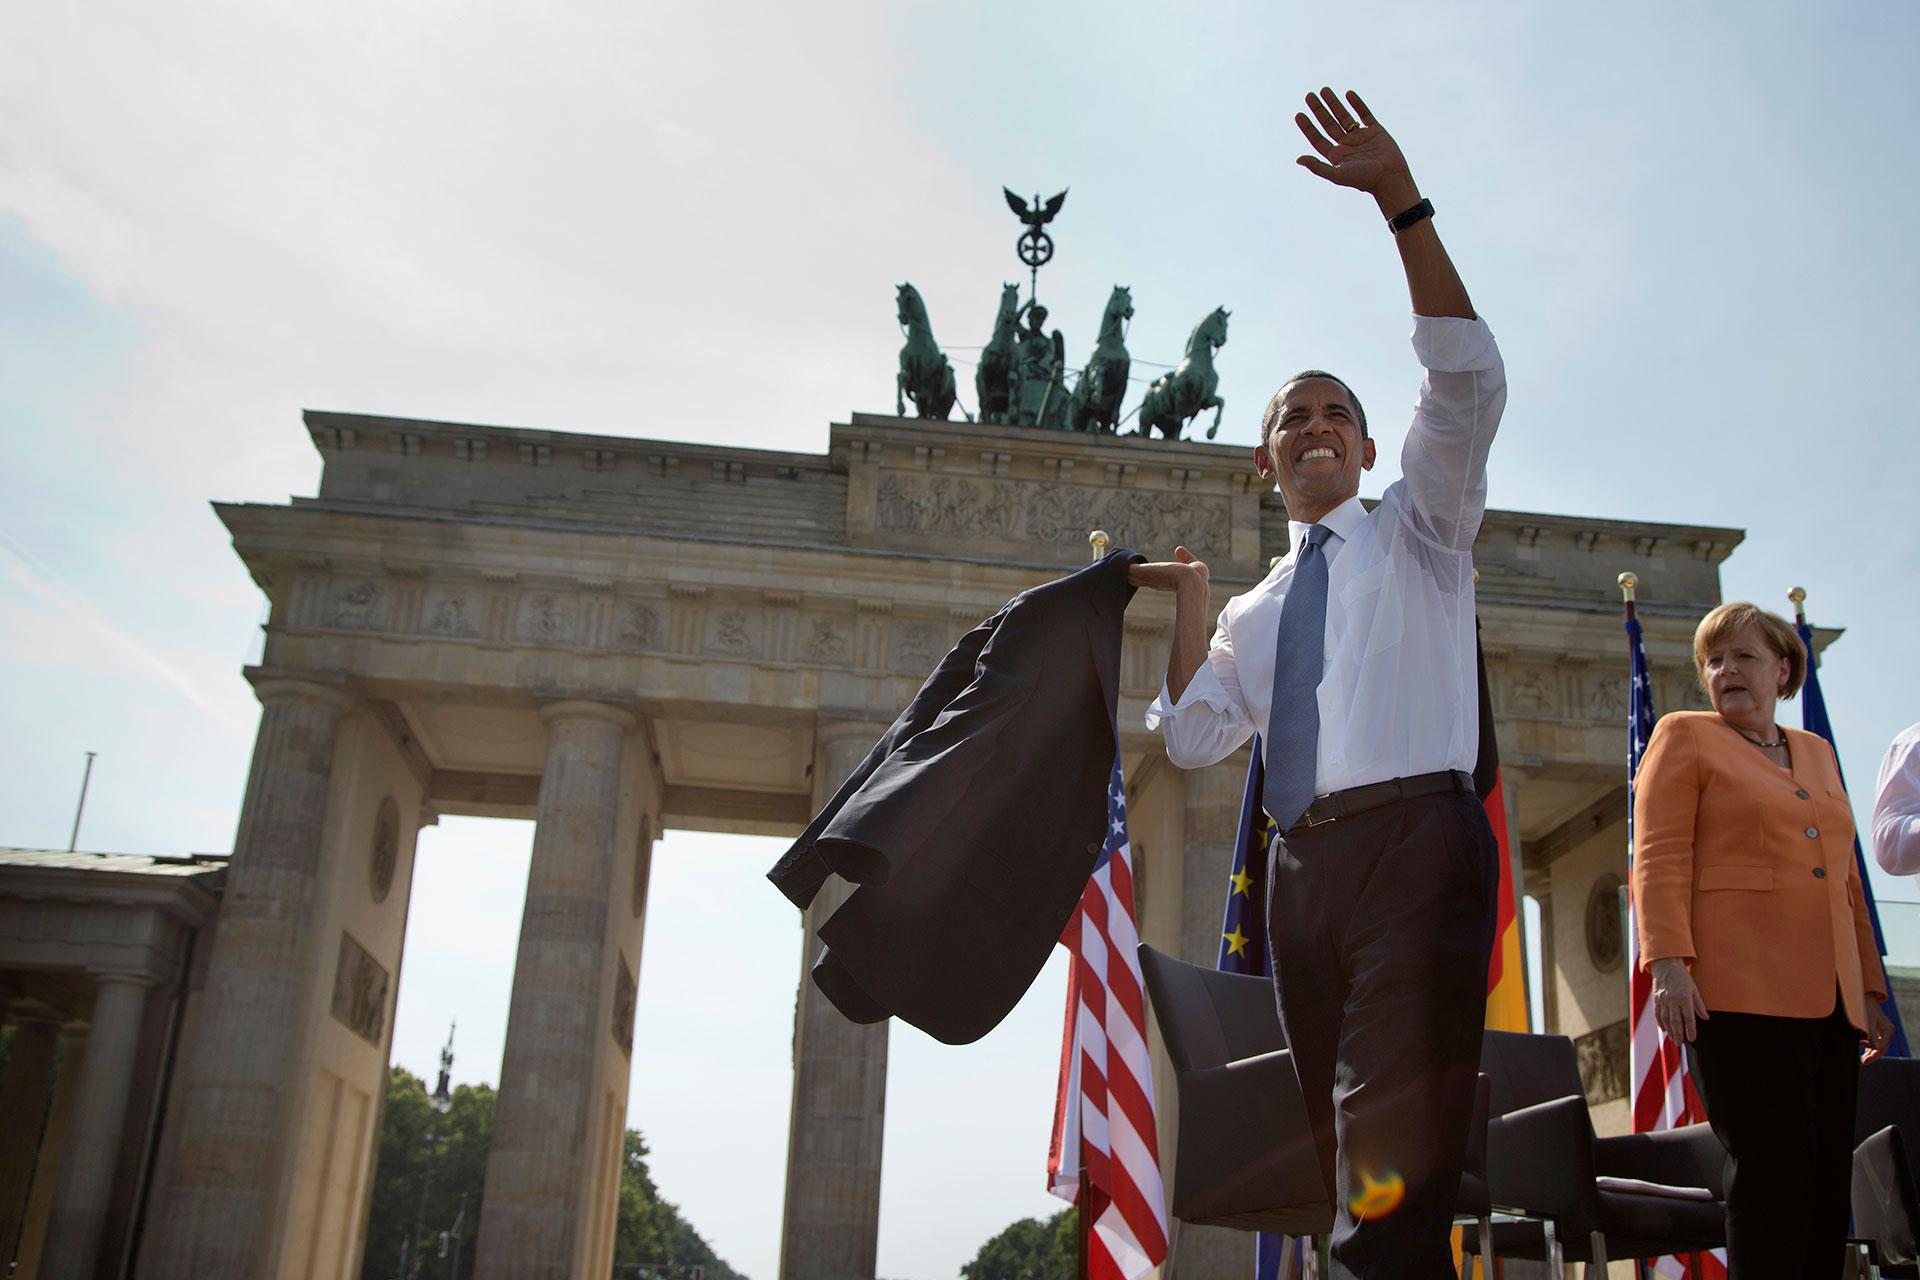 En su visita a Berlín, Barack Obama dio un histórico discurso frente a la puerta de Brandenburgo el 19 de junio de 2013 (AP)